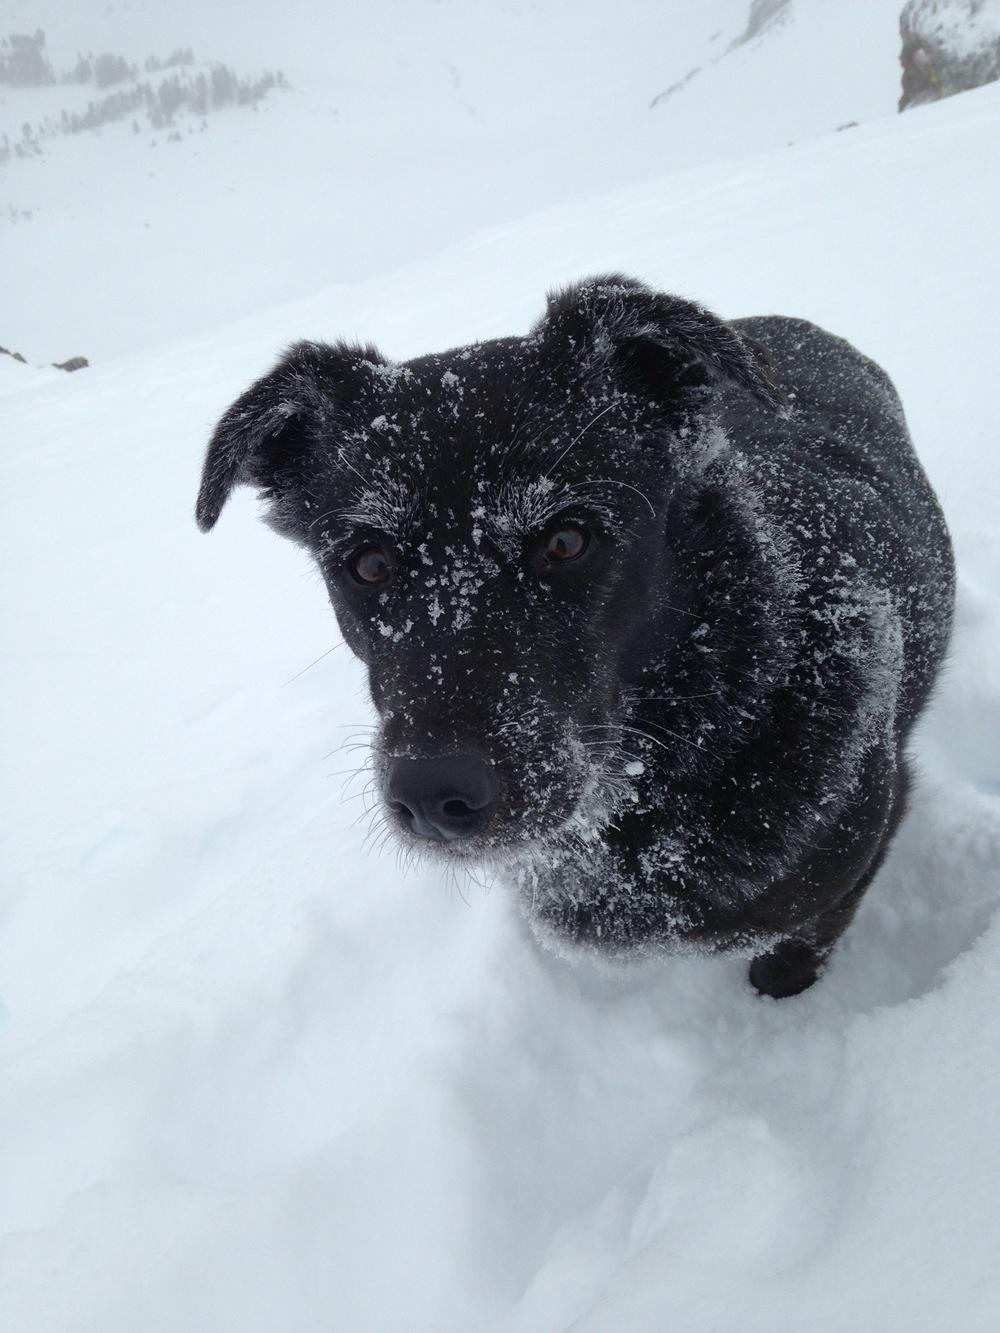 Powder hound. Cooke City, Montana. (Photo by Emily Stifler Wolfe)